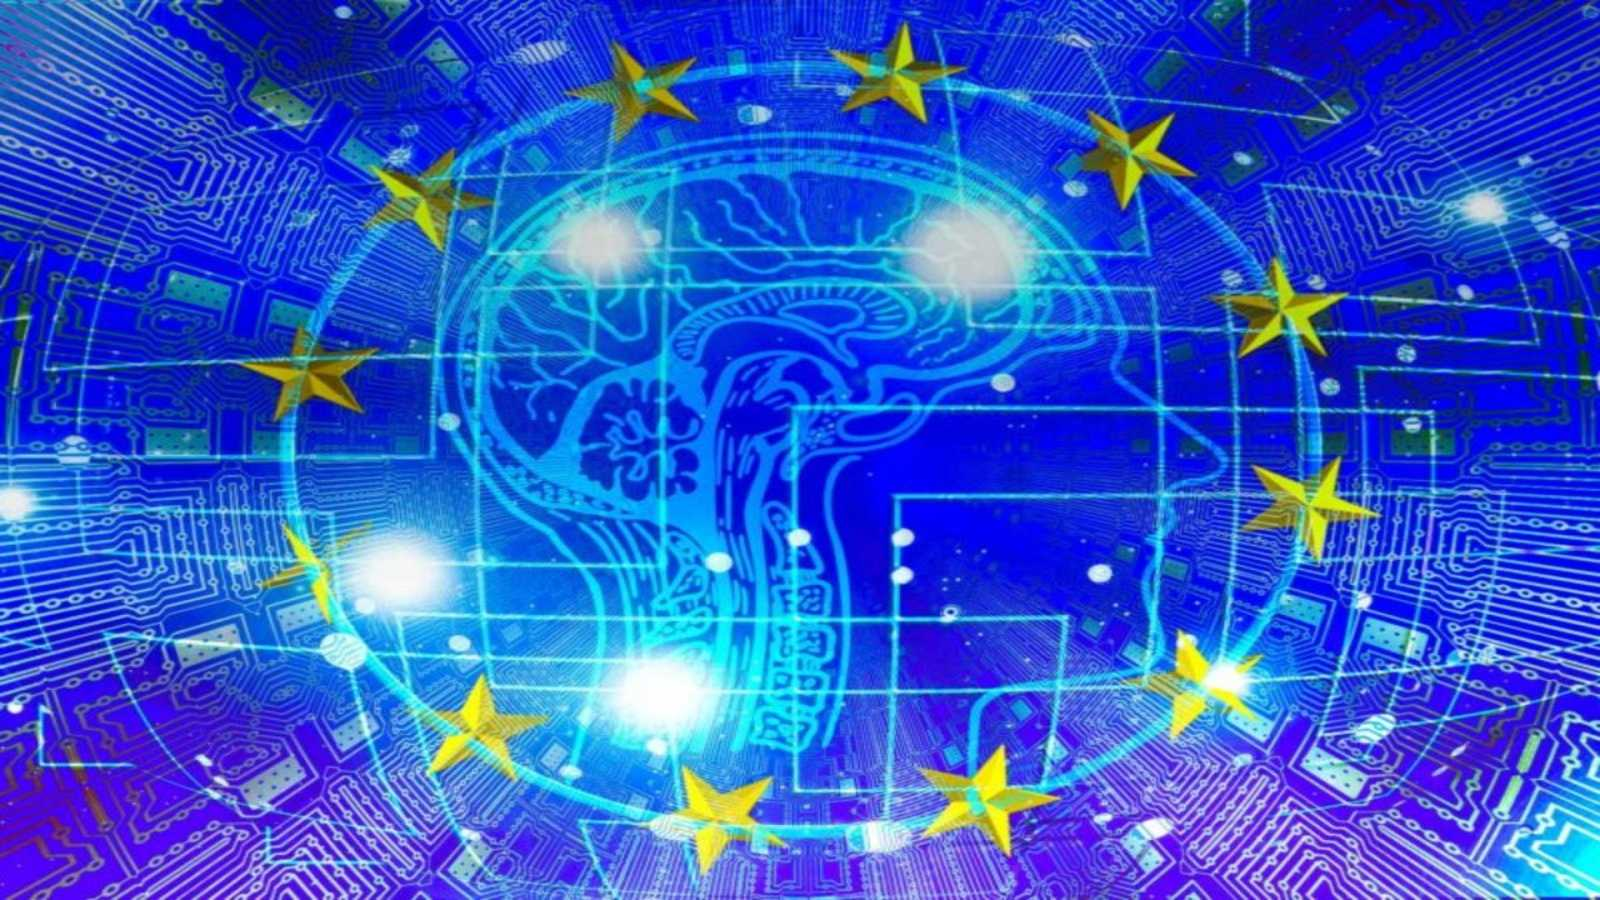 Red abierta - La inteligencia artificial que viene - 23/02/20 - Escuchar ahora